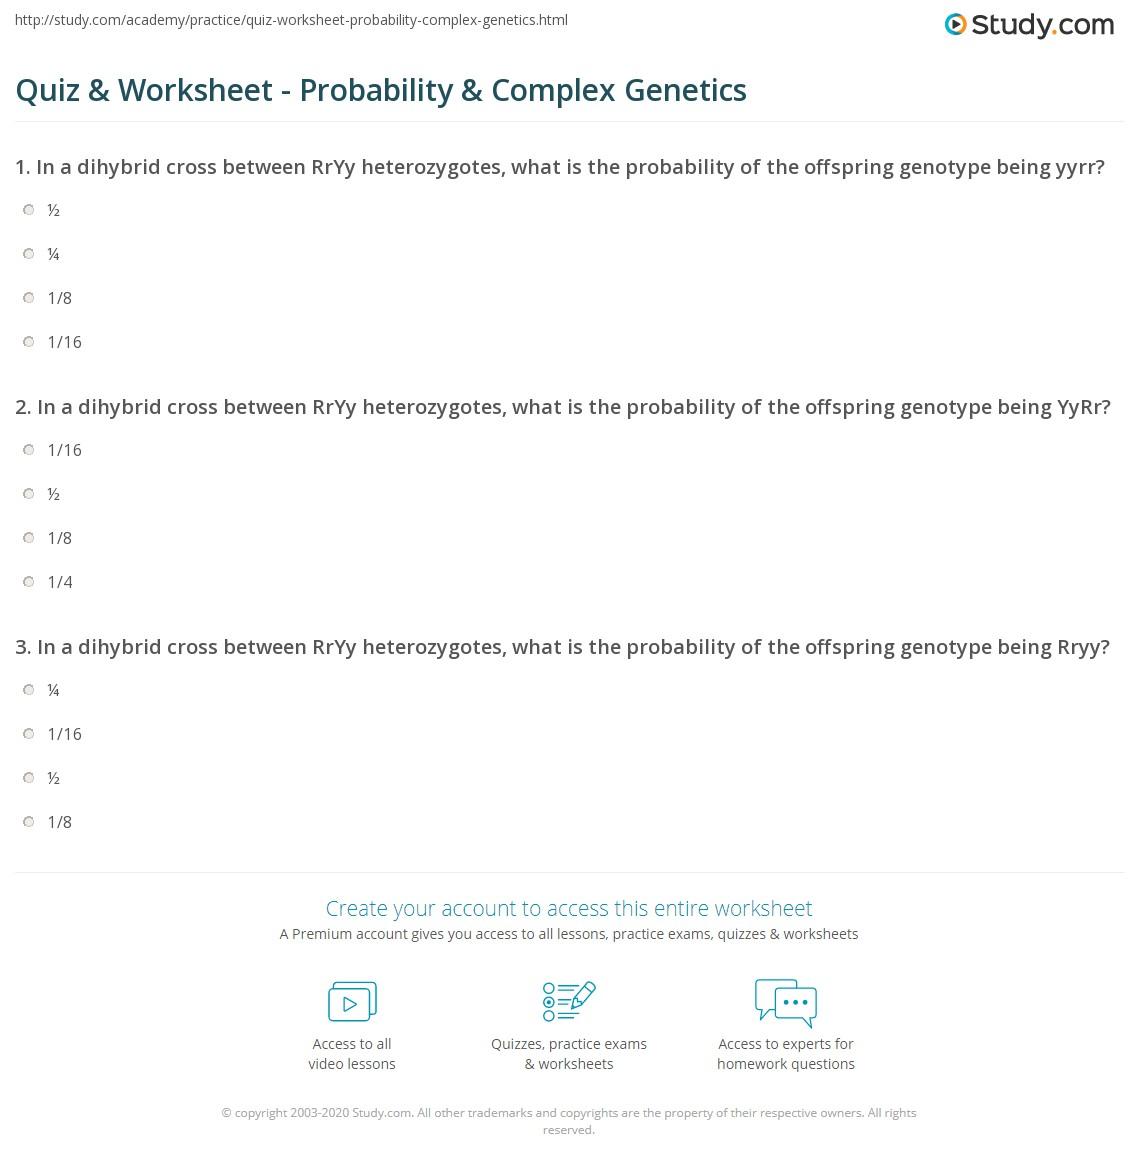 Quiz W Ksheet Prob Bility Plex Ge Ics Study